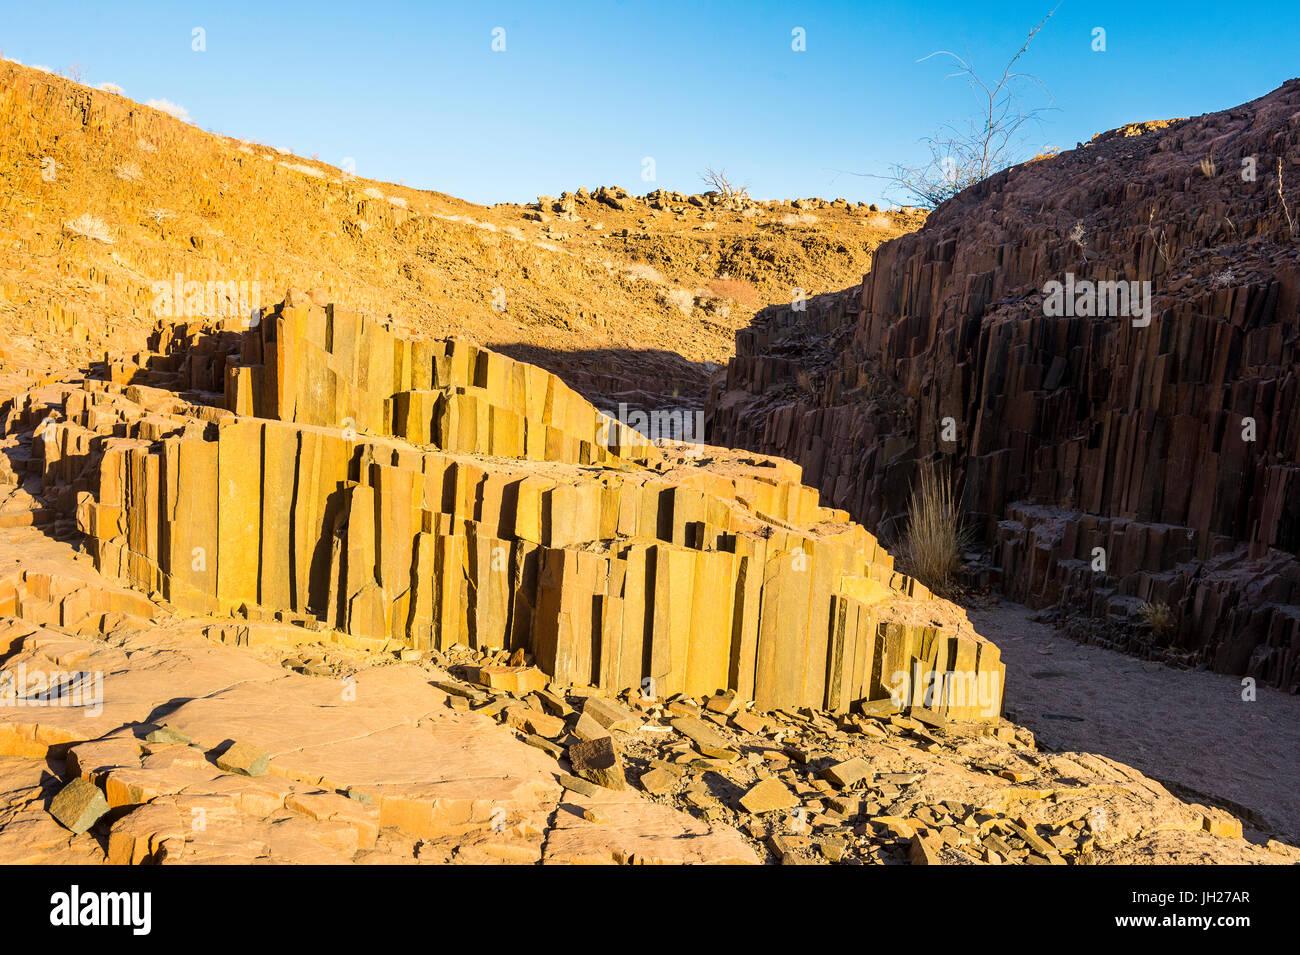 Les tuyaux d'orgue inhabituelle monument, Twyfelfontein, Namibie, Afrique Photo Stock